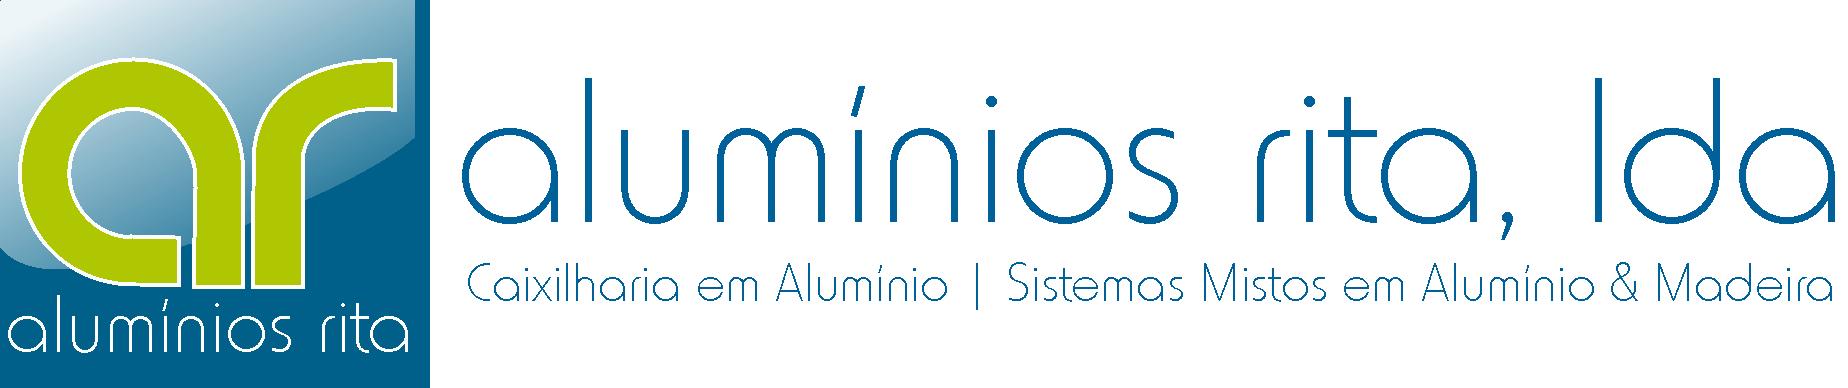 Aluminios Rita